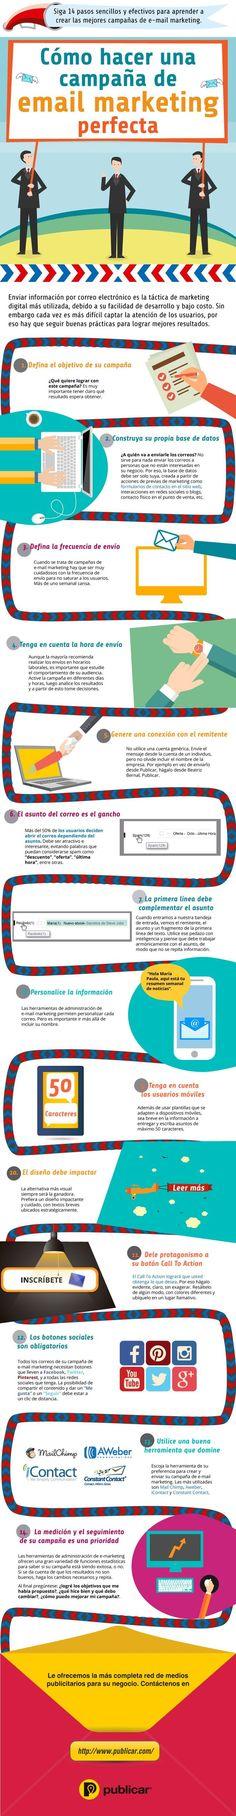 Esta infografía en español nos ofrece catorce consejos o claves para crear campañas de email marketing perfectas y efectivas.